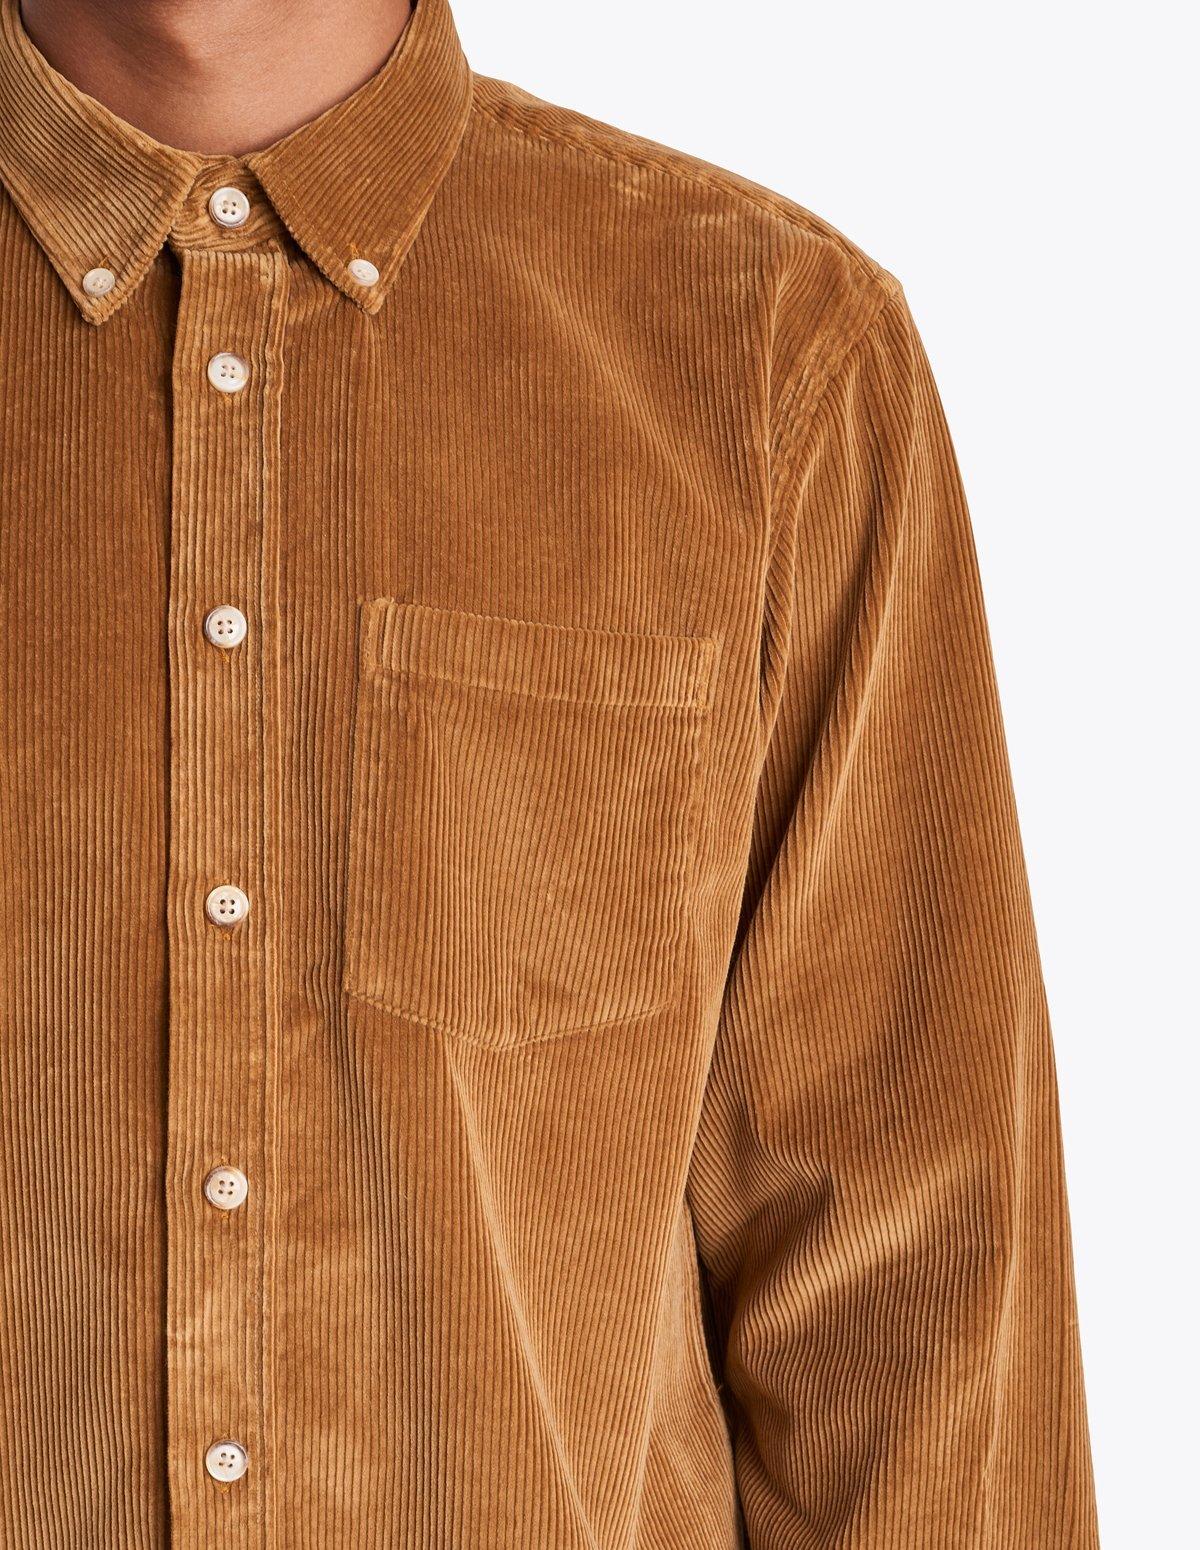 e6bc4faabd Tres Bien Corduroy button down shirt - Beige | Garmentory